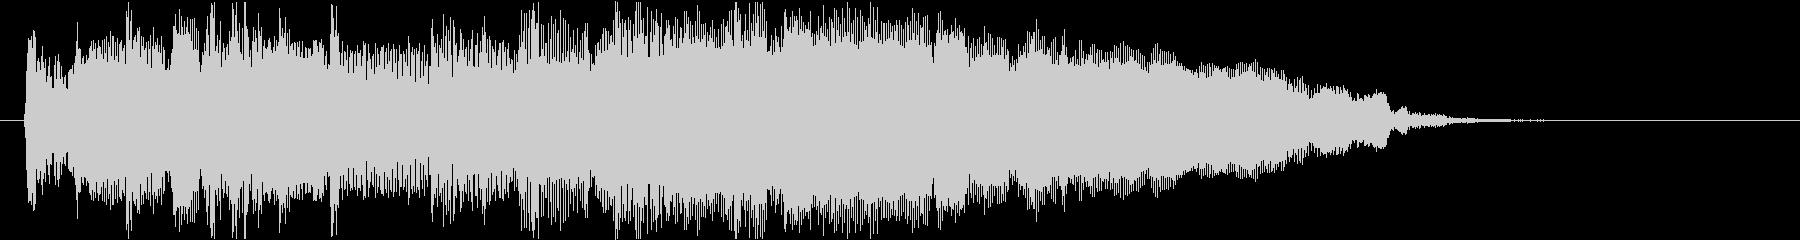 ラジオのおしゃれなオープニング風ジングルの未再生の波形